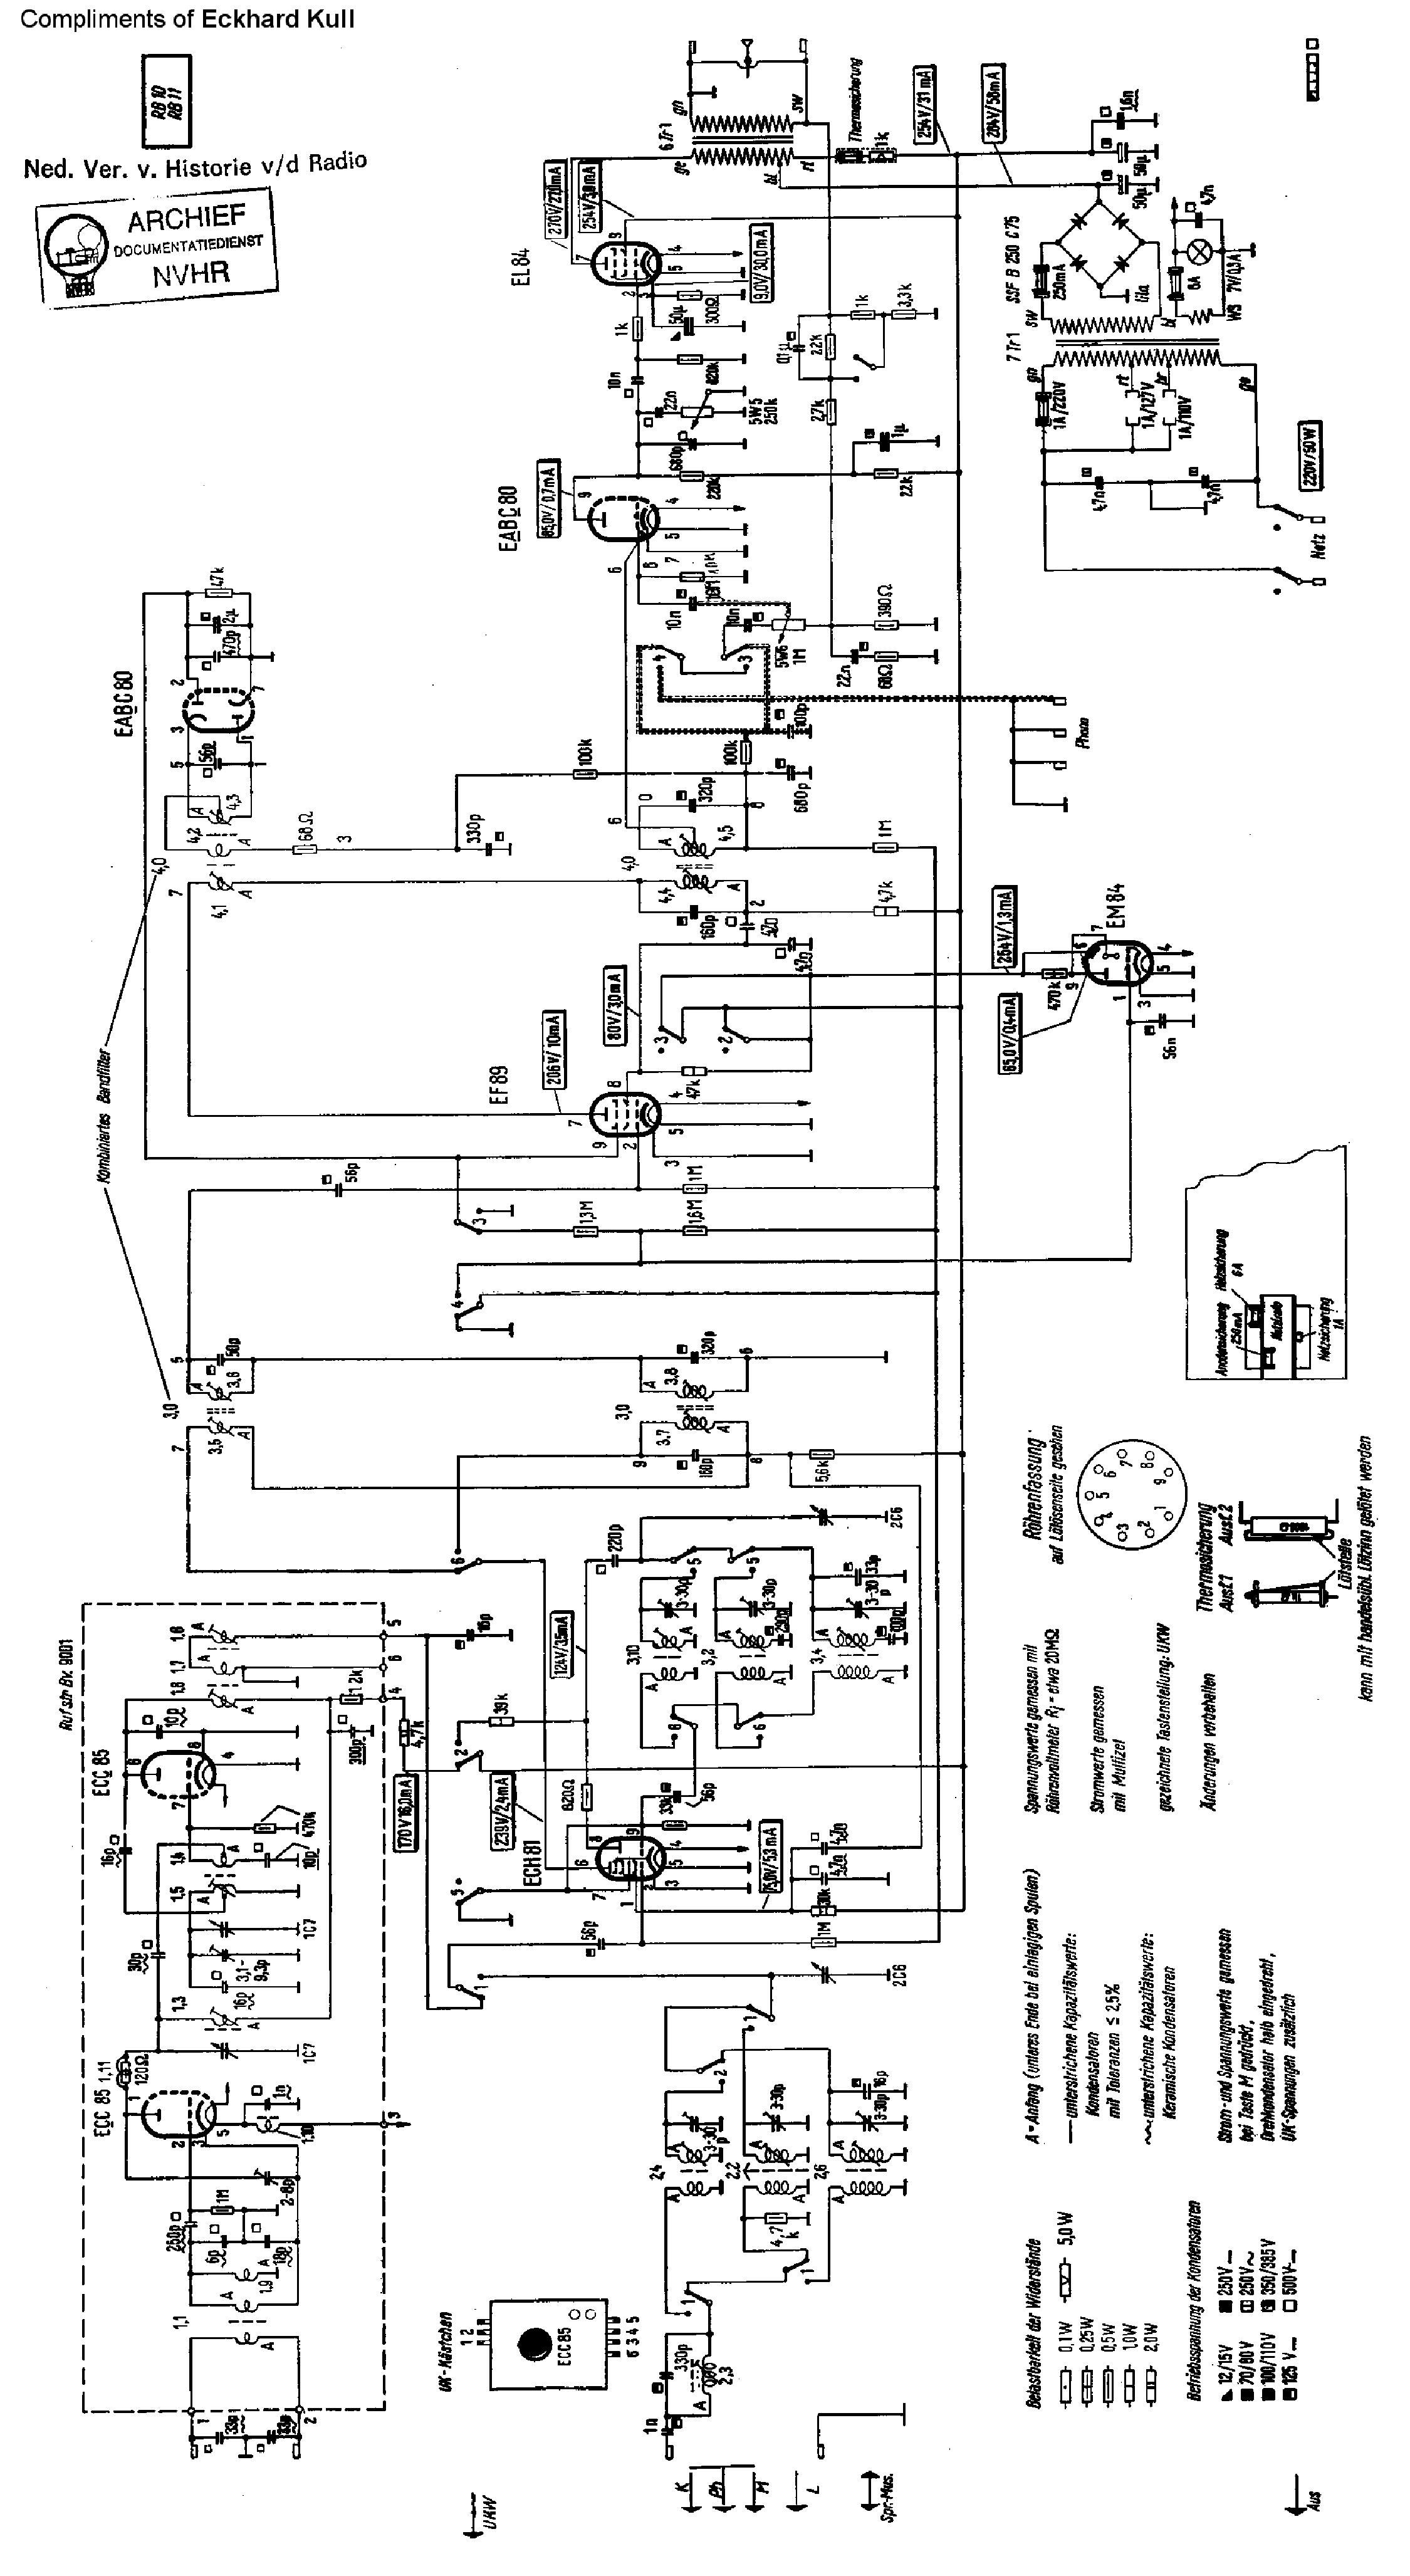 siemens rr627 service manual free download  schematics